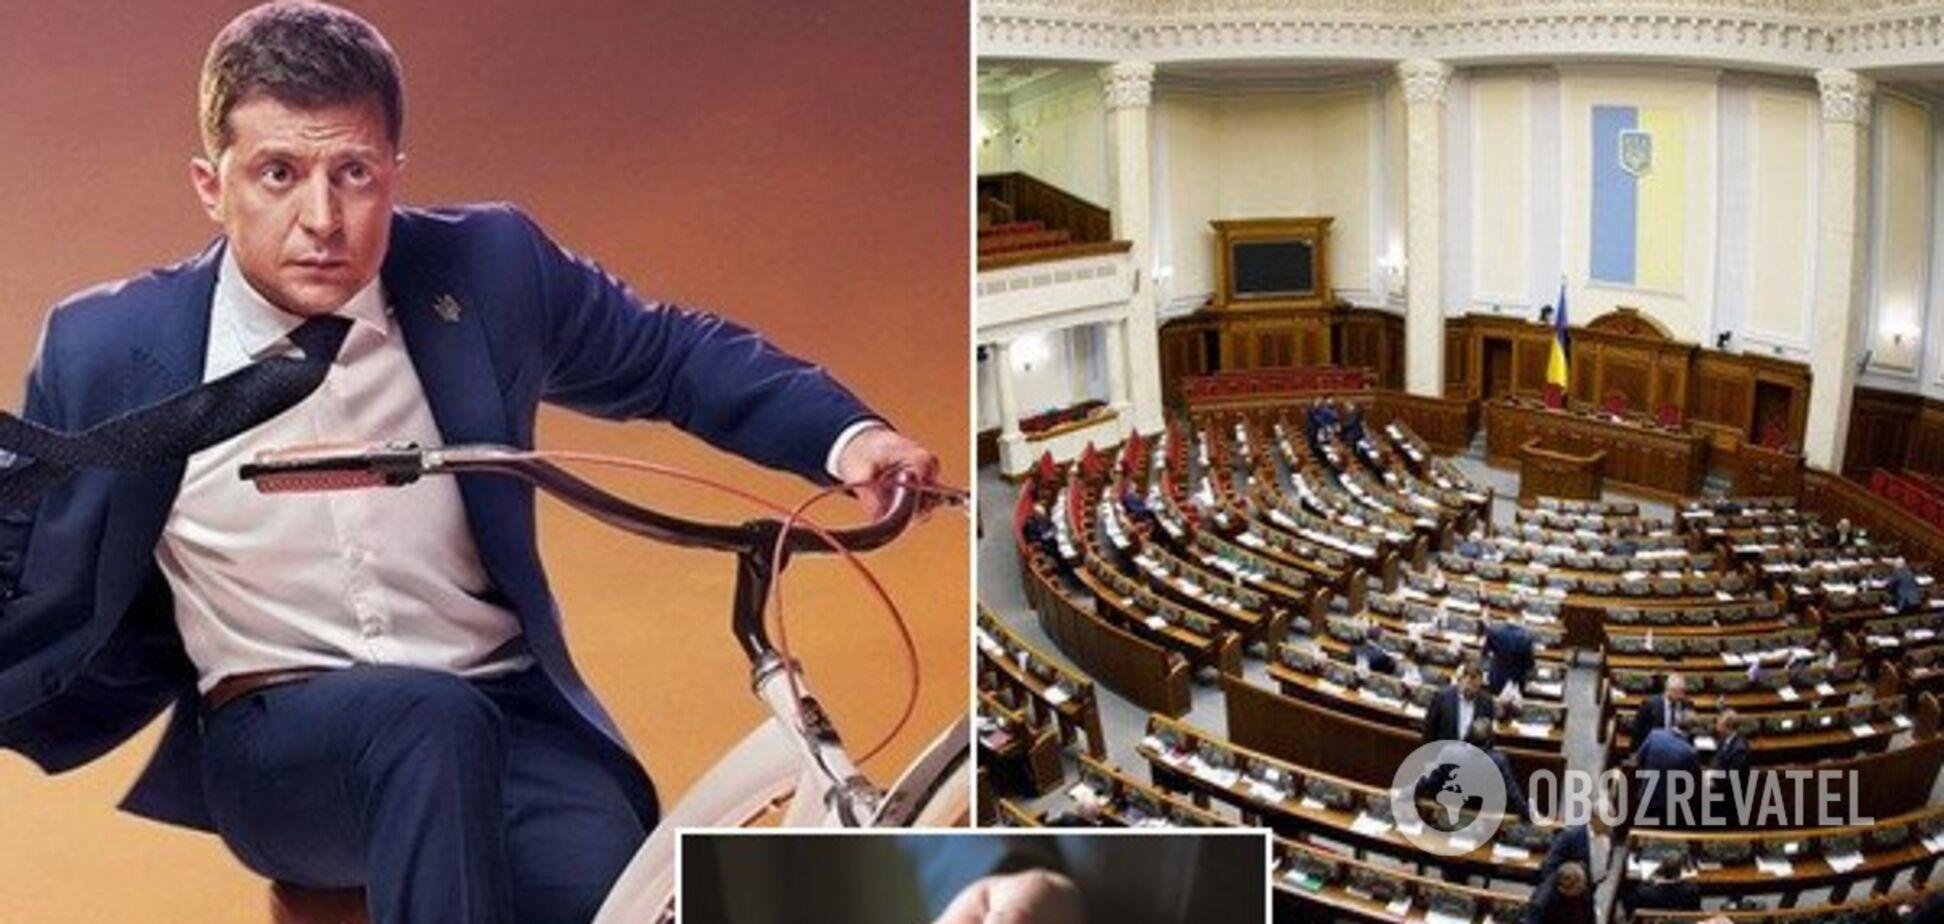 За доносы будут платить: у Зеленского хотят радикально бороться с коррупцией